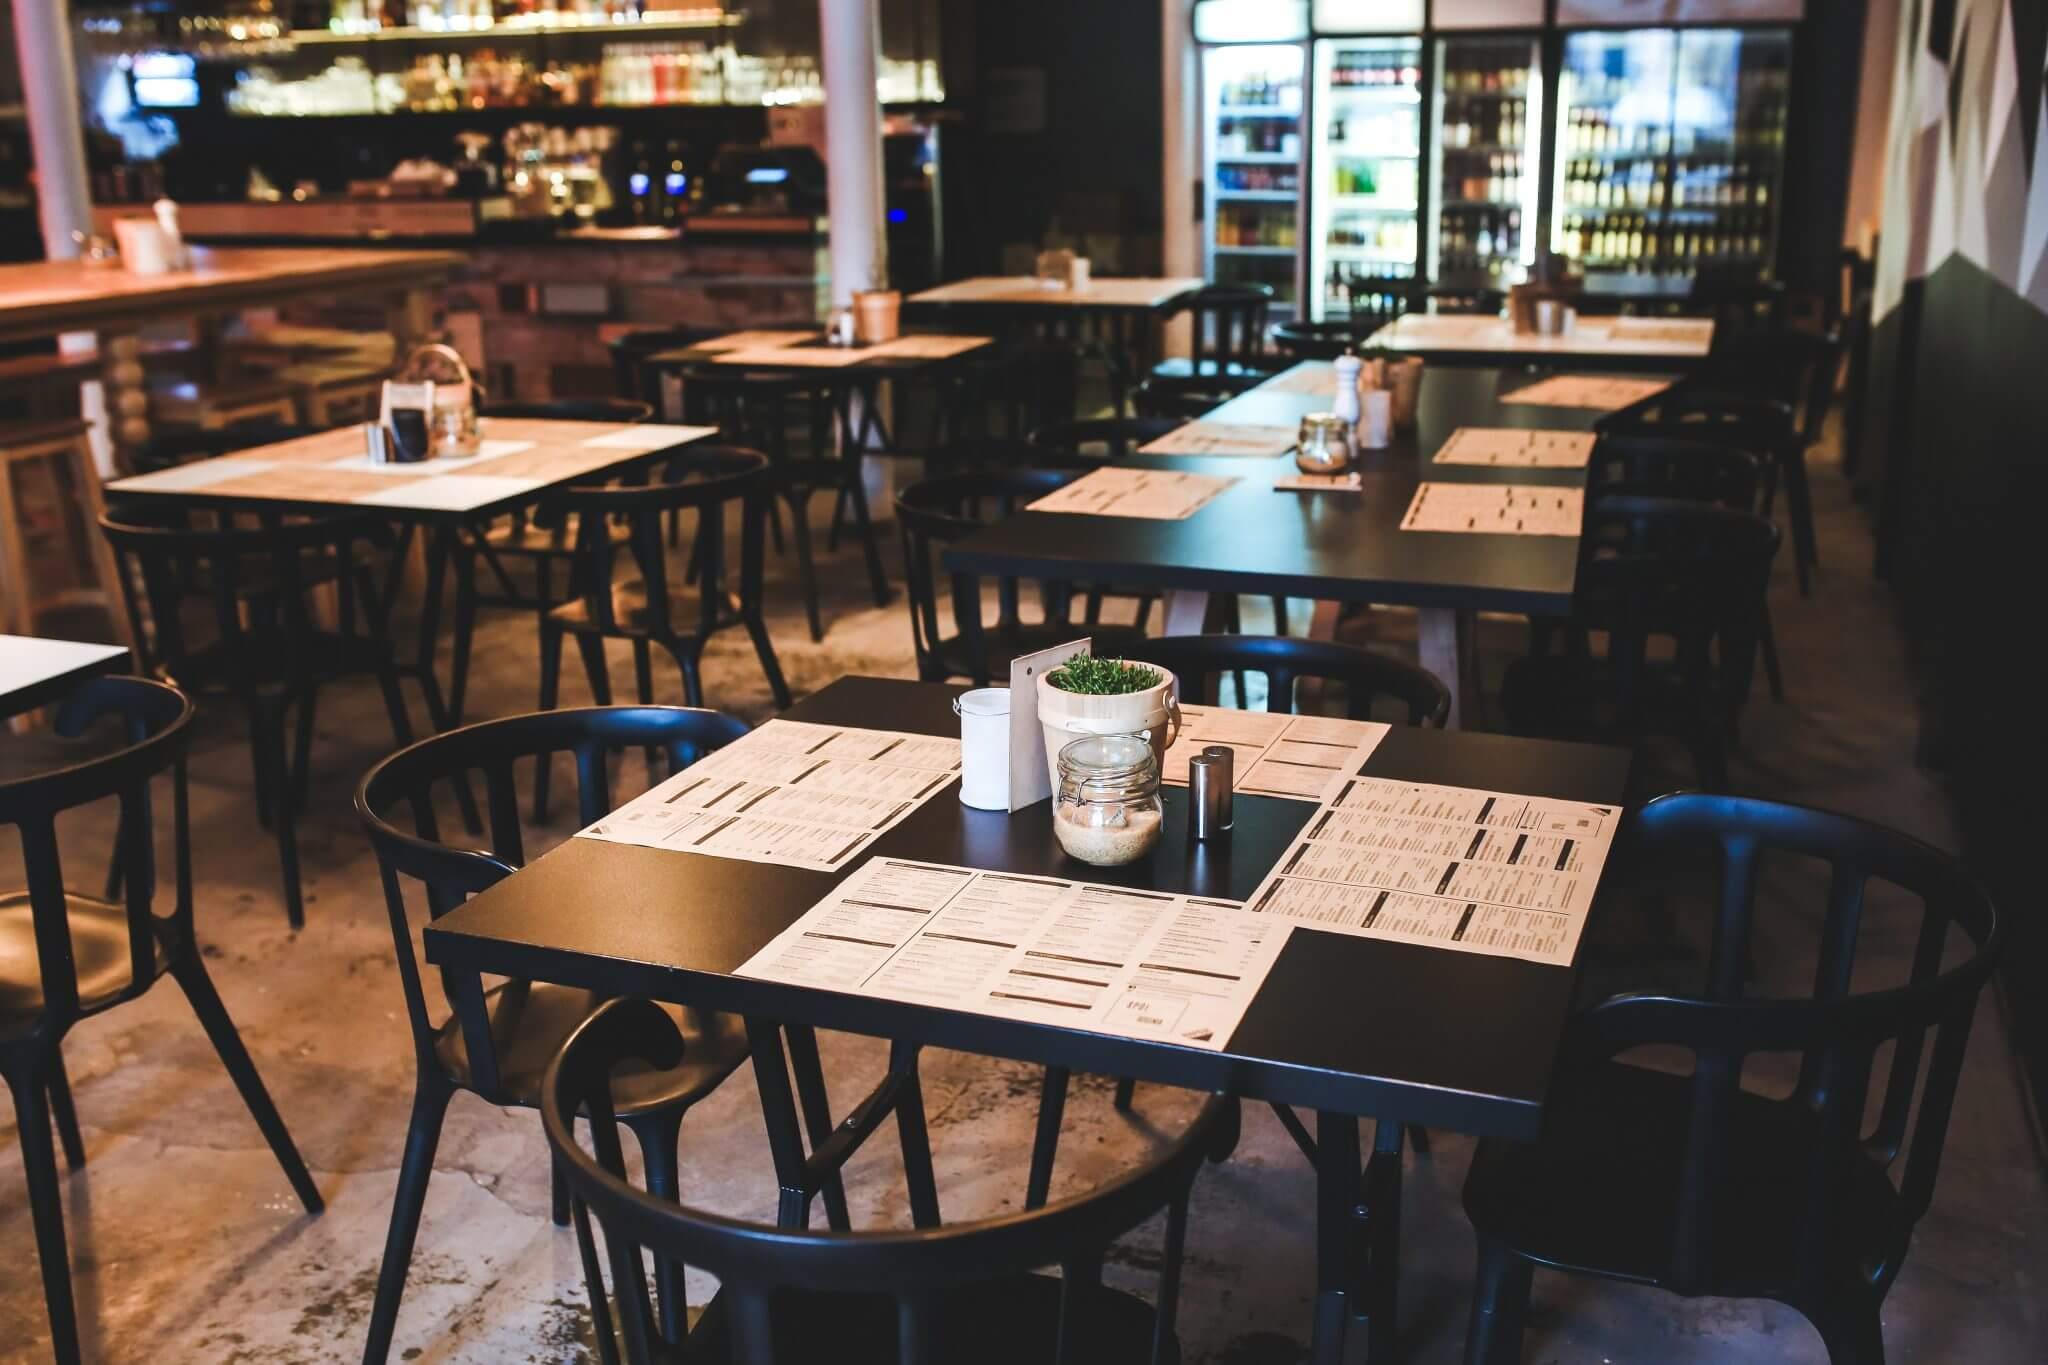 Restaurant inventar